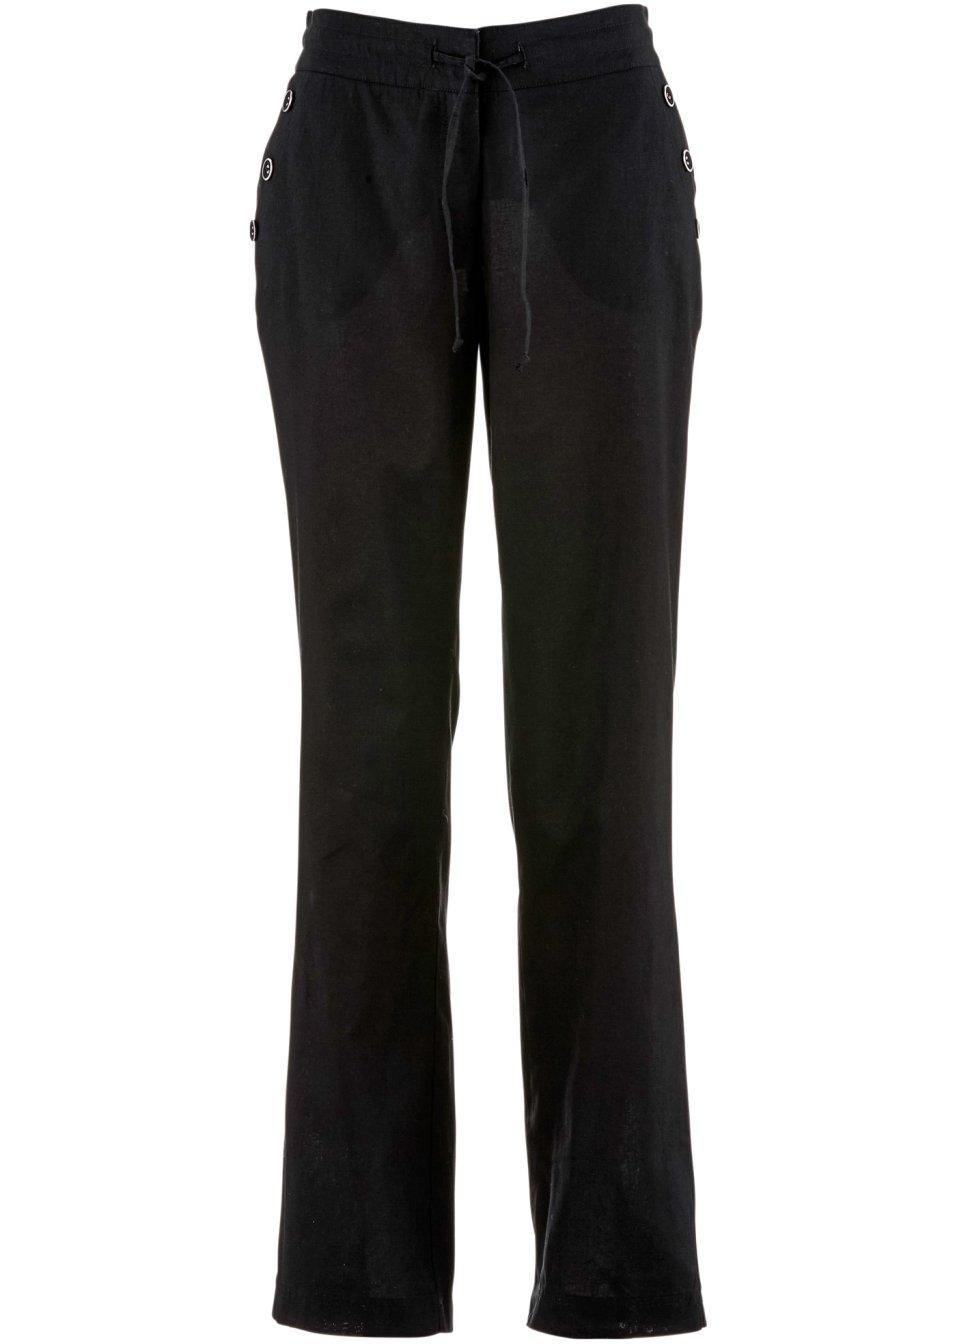 pantalon lin noir femme. Black Bedroom Furniture Sets. Home Design Ideas